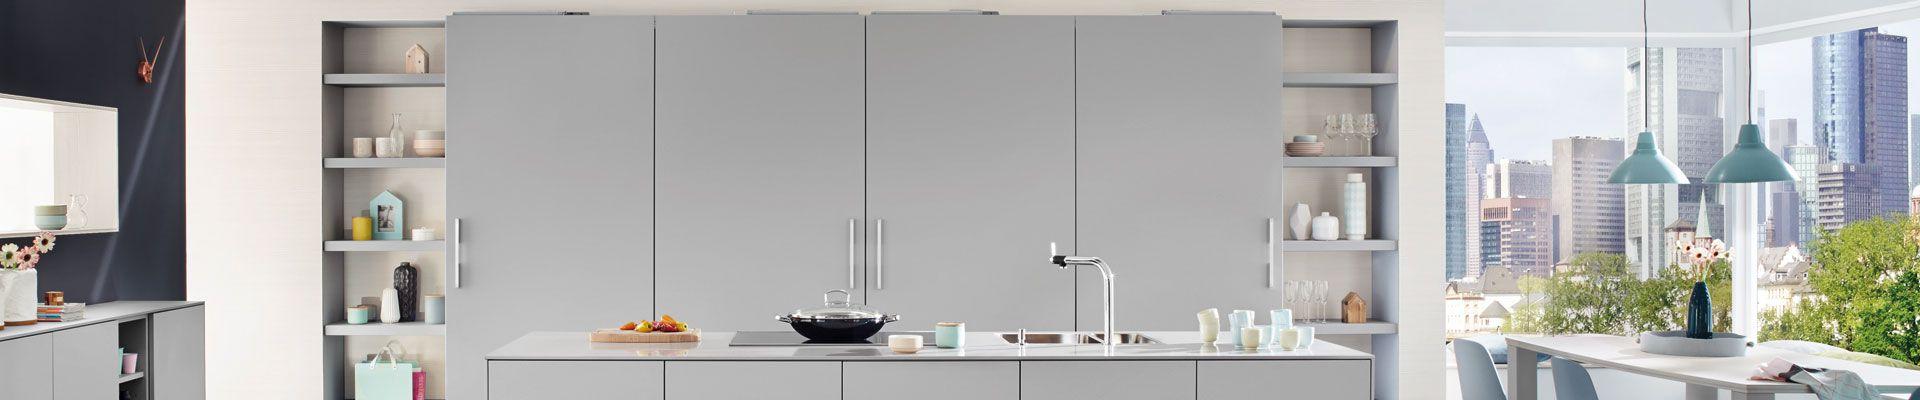 Küchenfronten - Küche + Herd Wagner Küche kaufen Küchenstudio Heilbronn